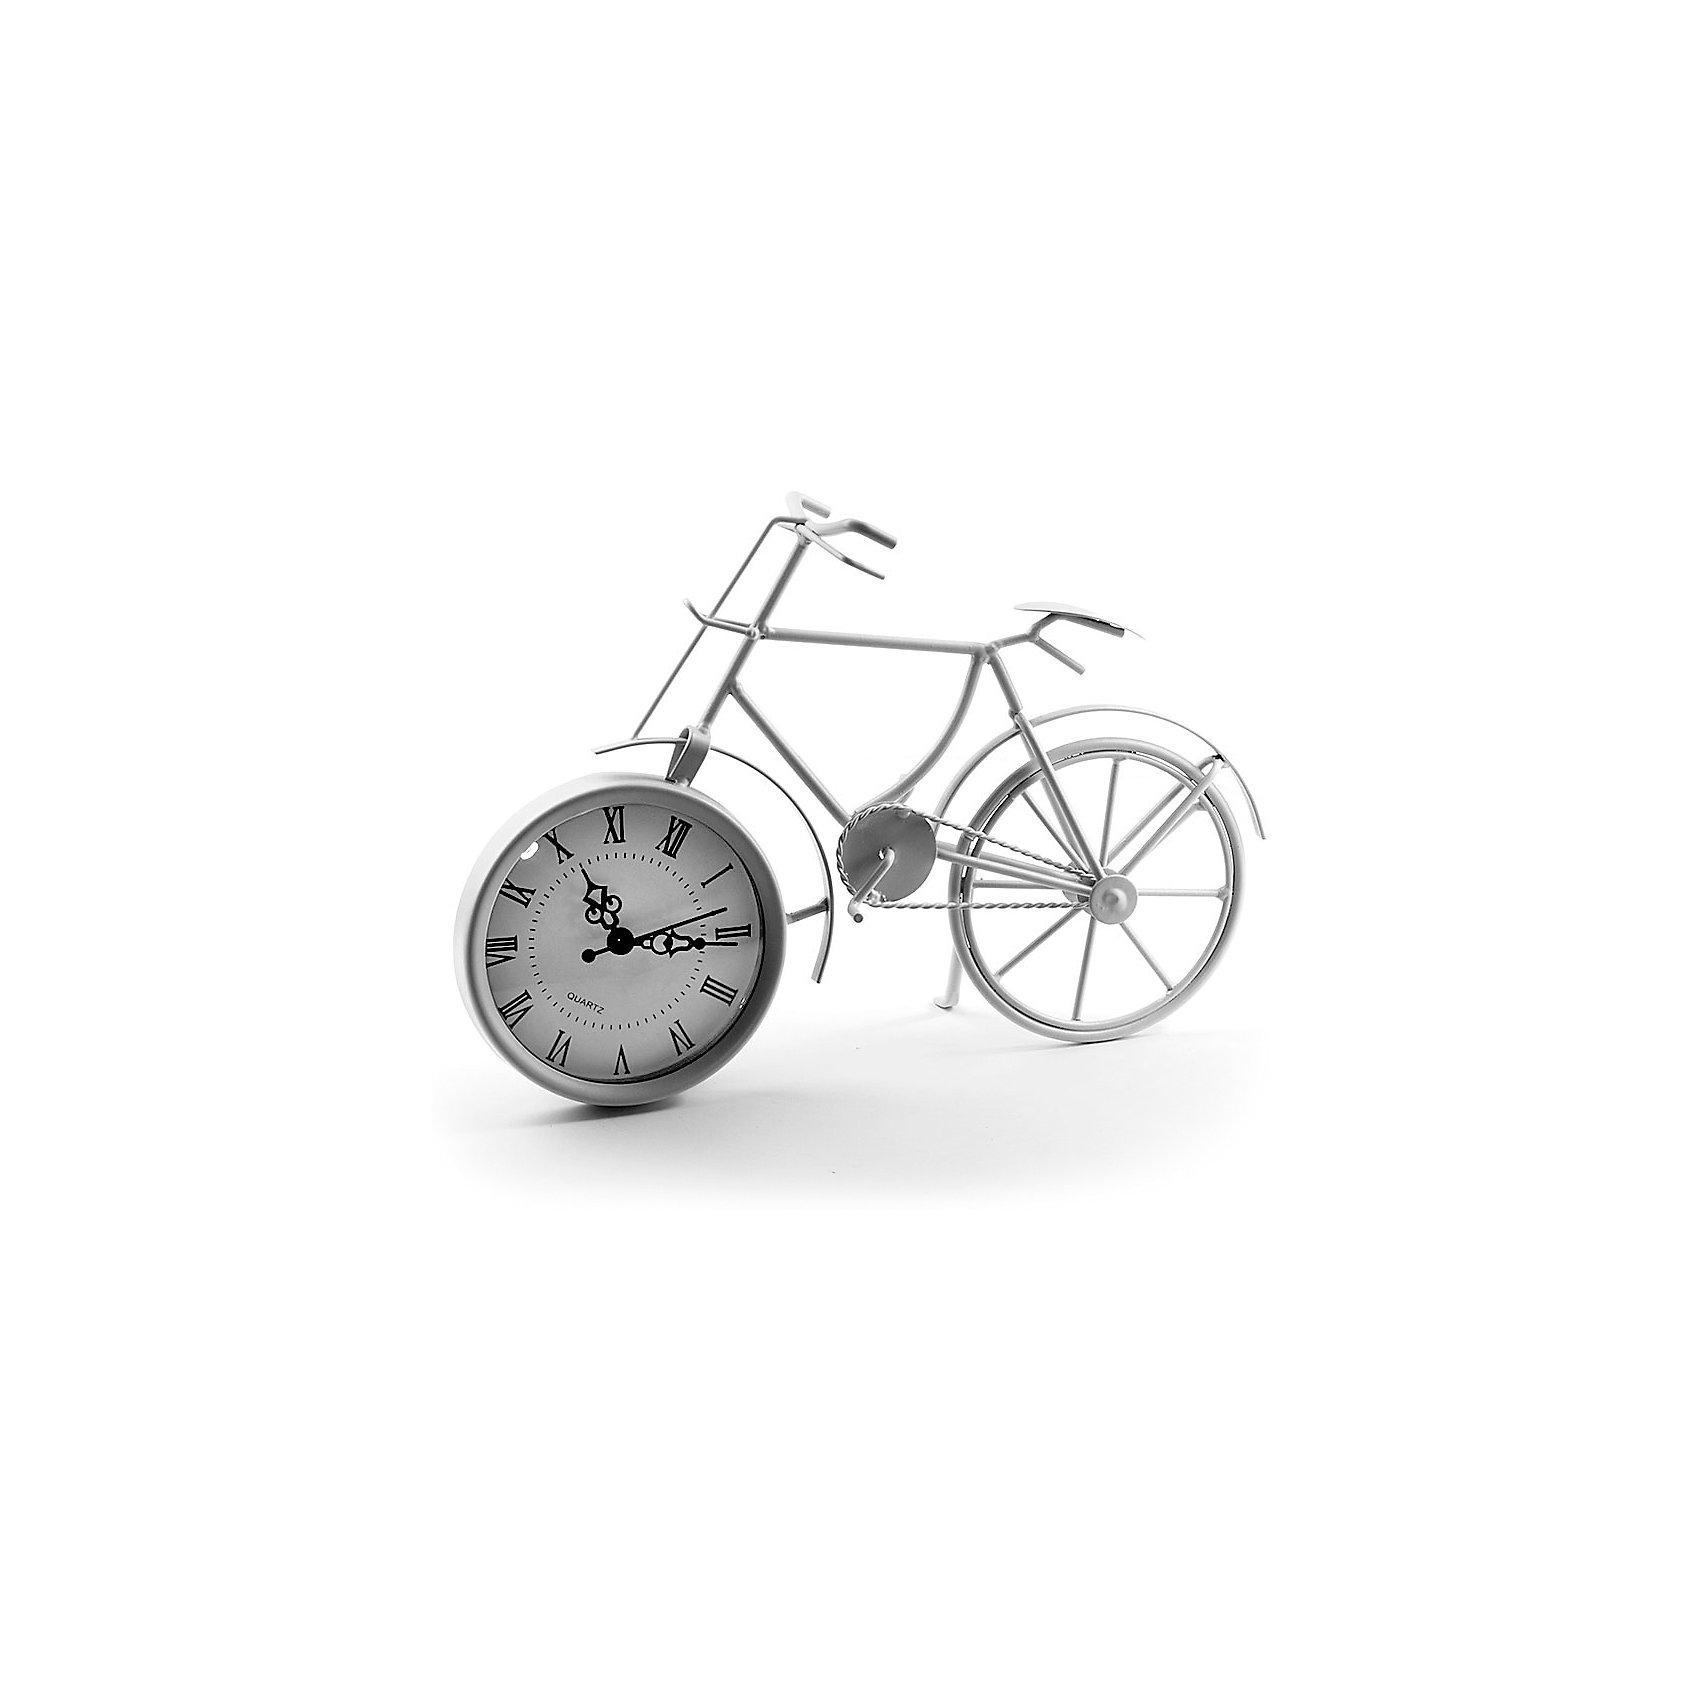 Часы Miralight настольные Велосипед белый, Яркий праздникПредметы интерьера<br>Часы Miralight настольные Велосипед белый, Яркий праздник<br><br>Характеристики:<br><br>• Состав: металл<br>• Размер: 29 * 8,5 * 20,5 см.<br>• Элементы питания: батарейки<br>• Страна производитель: Китай<br><br>Изящные часы от компании Miralight (Миралайт), которая специализируется на продукции для интерьеров привнесут уют в ваш дом. Настольные часы станут стильным украшением комнаты и помогут всегда быть вовремя. Лаконичный белый цвет отлично подойдет как для спальни, так и для кухни или гостиной. <br><br>Элегантные римские цифры и три ажурные стрелочки отлично подходят этим часам. Небольшие металлические части велосипеда соединяются между собой и надежно фиксируют циферблат, представляющий собой ведущее колесо, сам велосипед стоит на подножке, как у настоящего велосипеда. Привнесите в свой дом атмосферу комфорта и яркого праздника вместе с новыми часами!<br><br>Часы Miralight настольные Велосипед белый, Яркий праздник можно купить в нашем интернет-магазине.<br><br>Ширина мм: 290<br>Глубина мм: 85<br>Высота мм: 205<br>Вес г: 306<br>Возраст от месяцев: 36<br>Возраст до месяцев: 2147483647<br>Пол: Унисекс<br>Возраст: Детский<br>SKU: 5453958